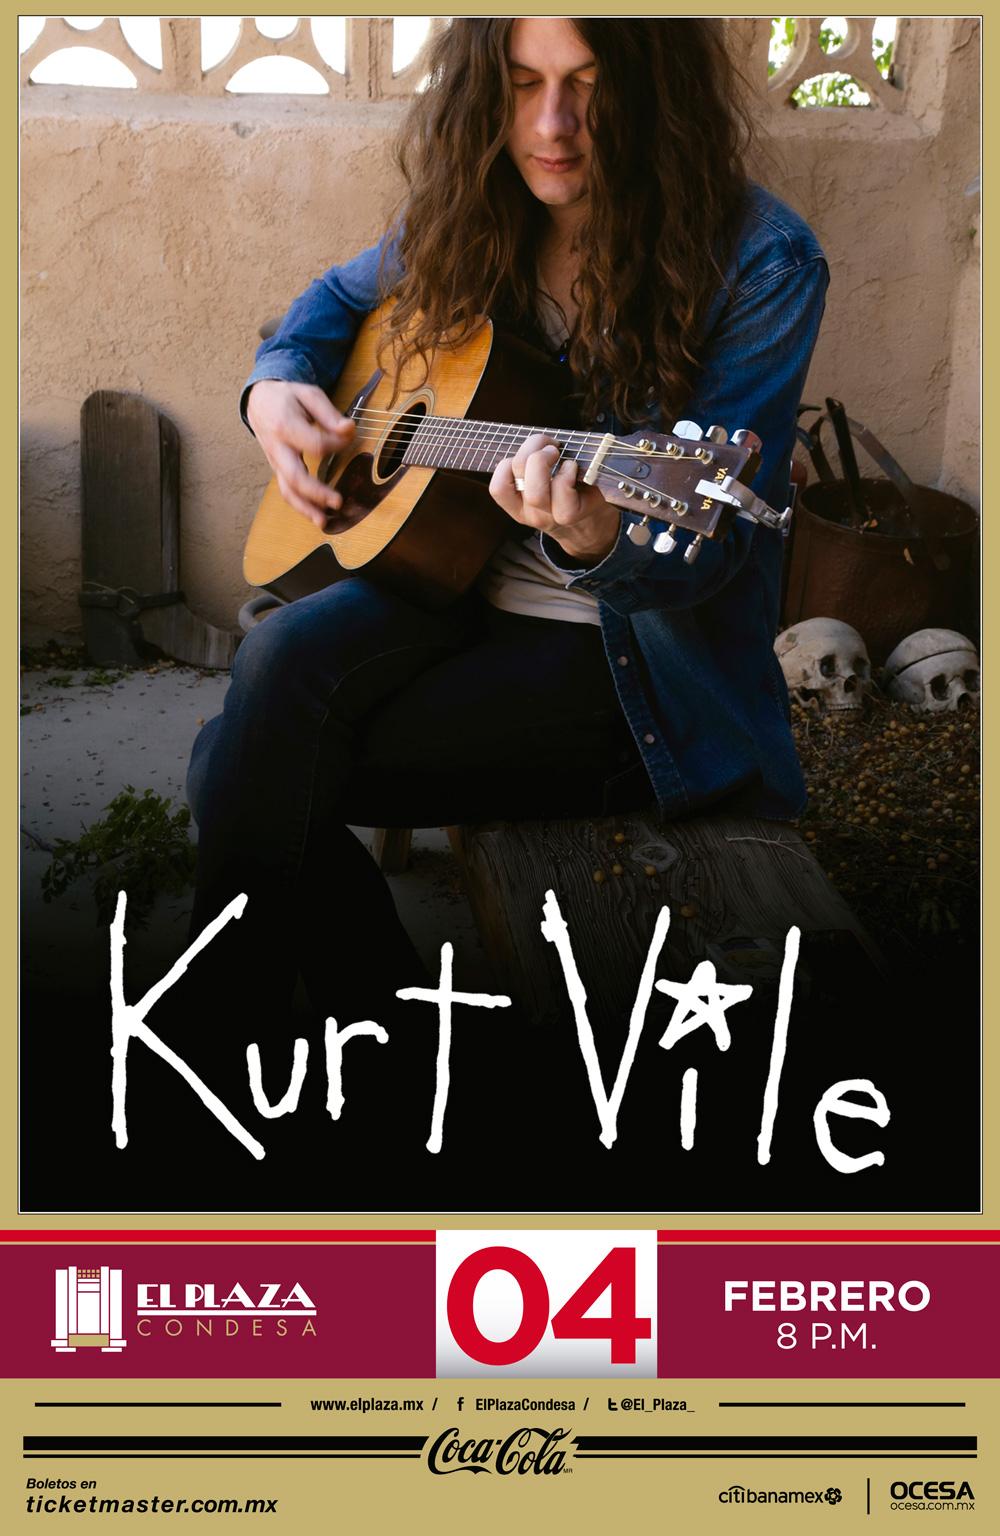 Póster oficial del concierto de Kurt Vile